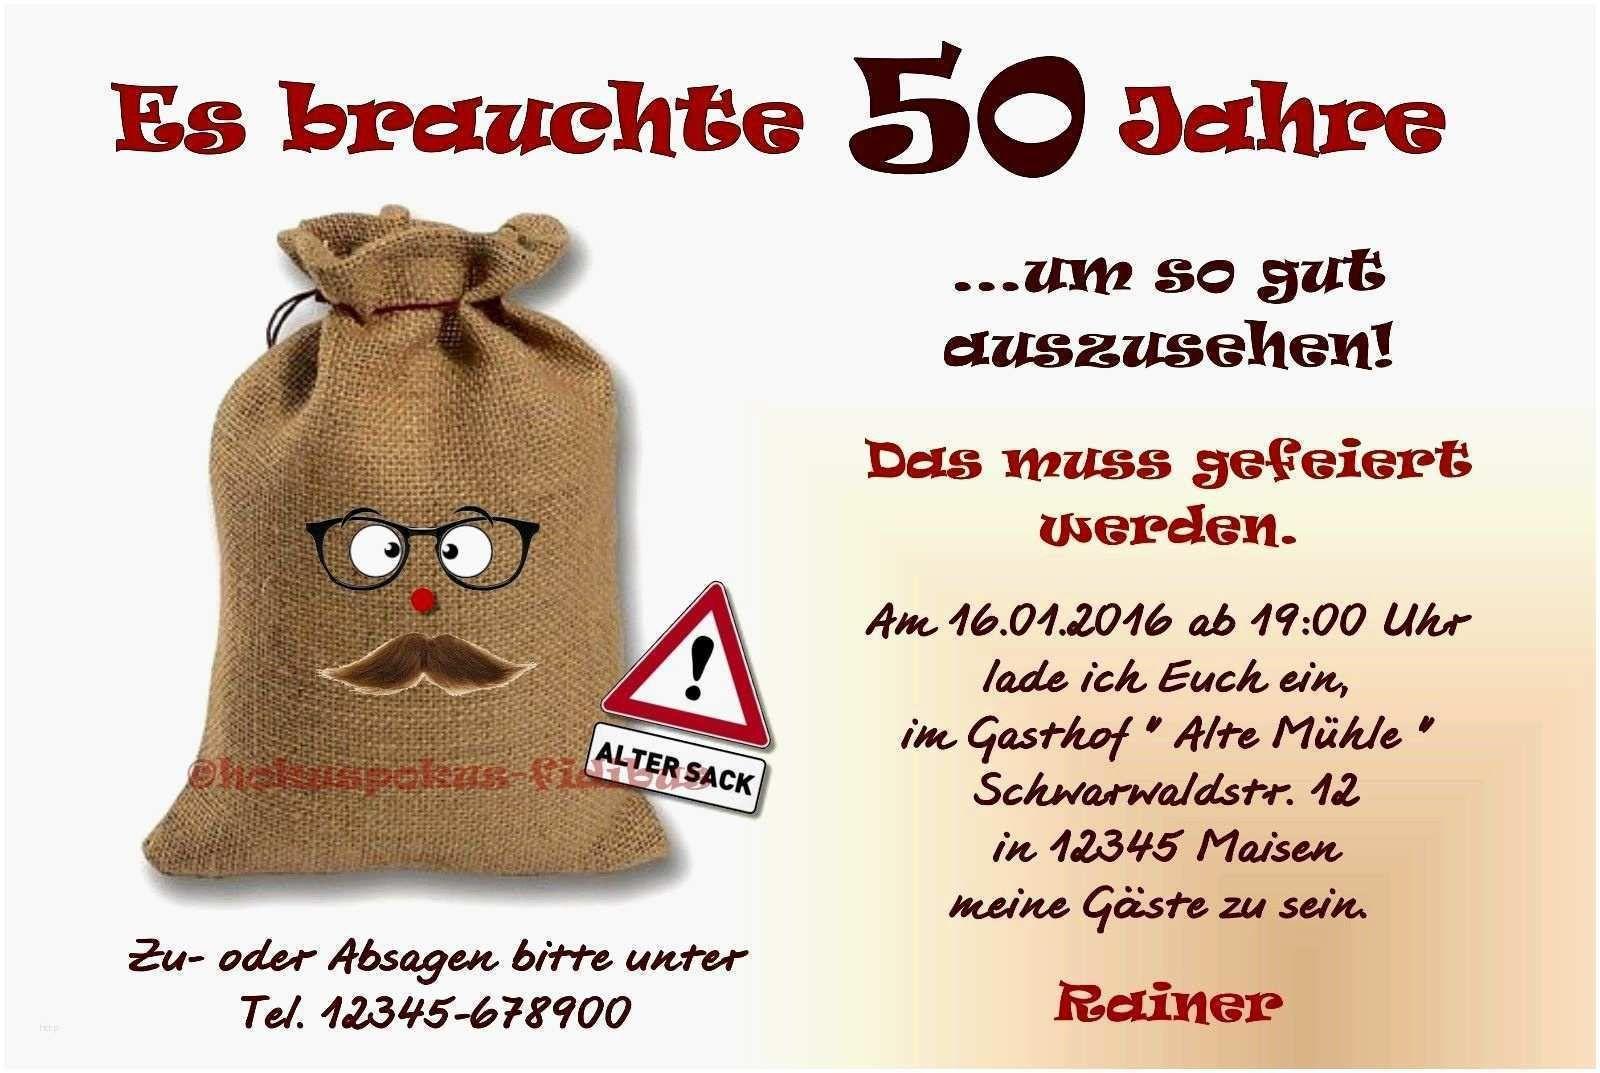 Einladungskarten Einladung 50 Geburtstag Originell Einladung Insparadies Ein Einladung 50 Geburtstag Einladung Geburtstag Einladung 50 Geburtstag Lustig